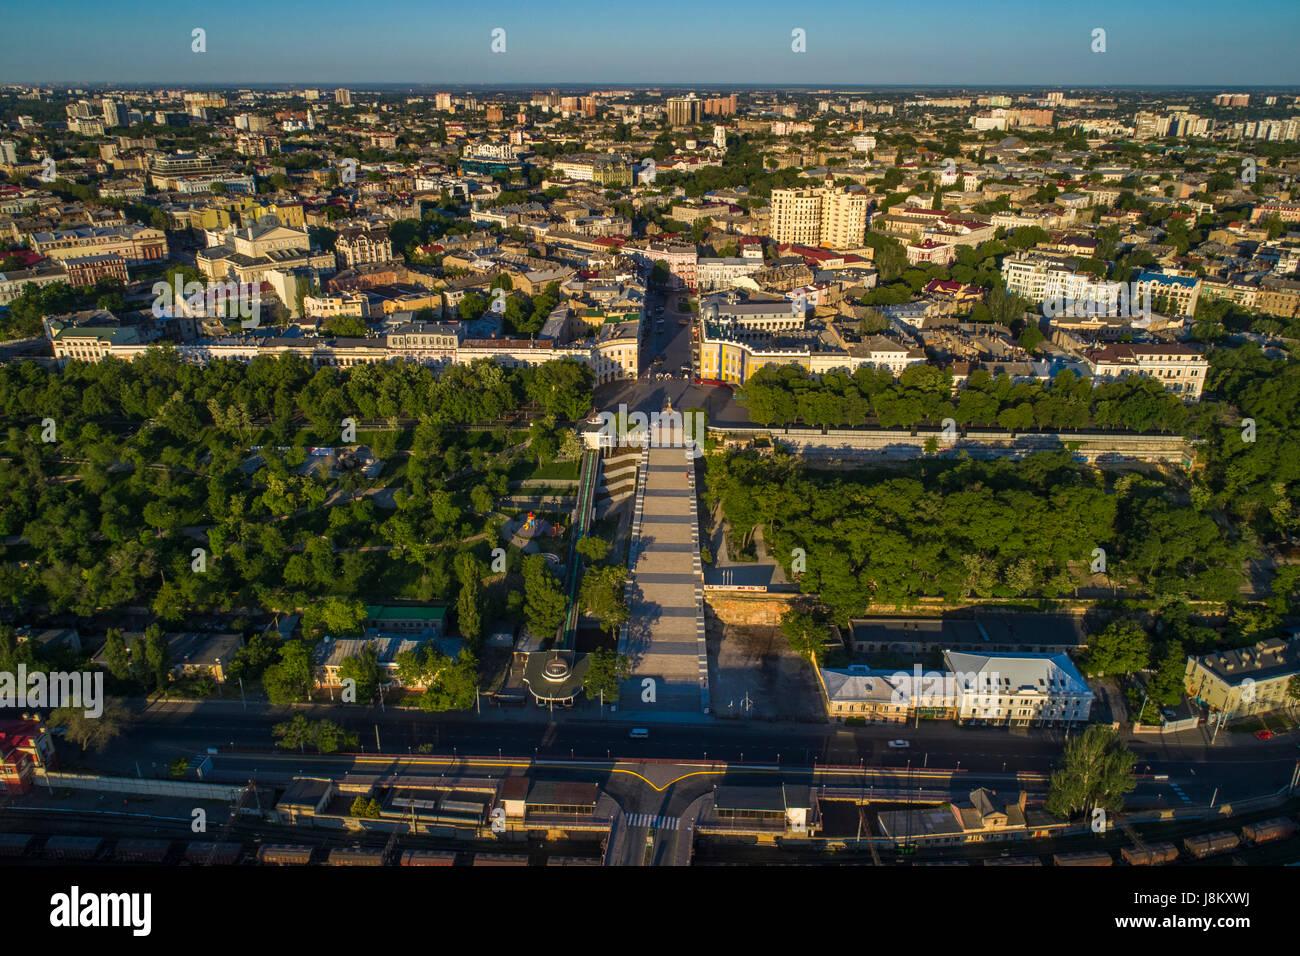 Drone elevata immagine del Potemkin Scale e prymorski boulevard con istanbul pakr e la skyline di odessa dietro. Foto Stock